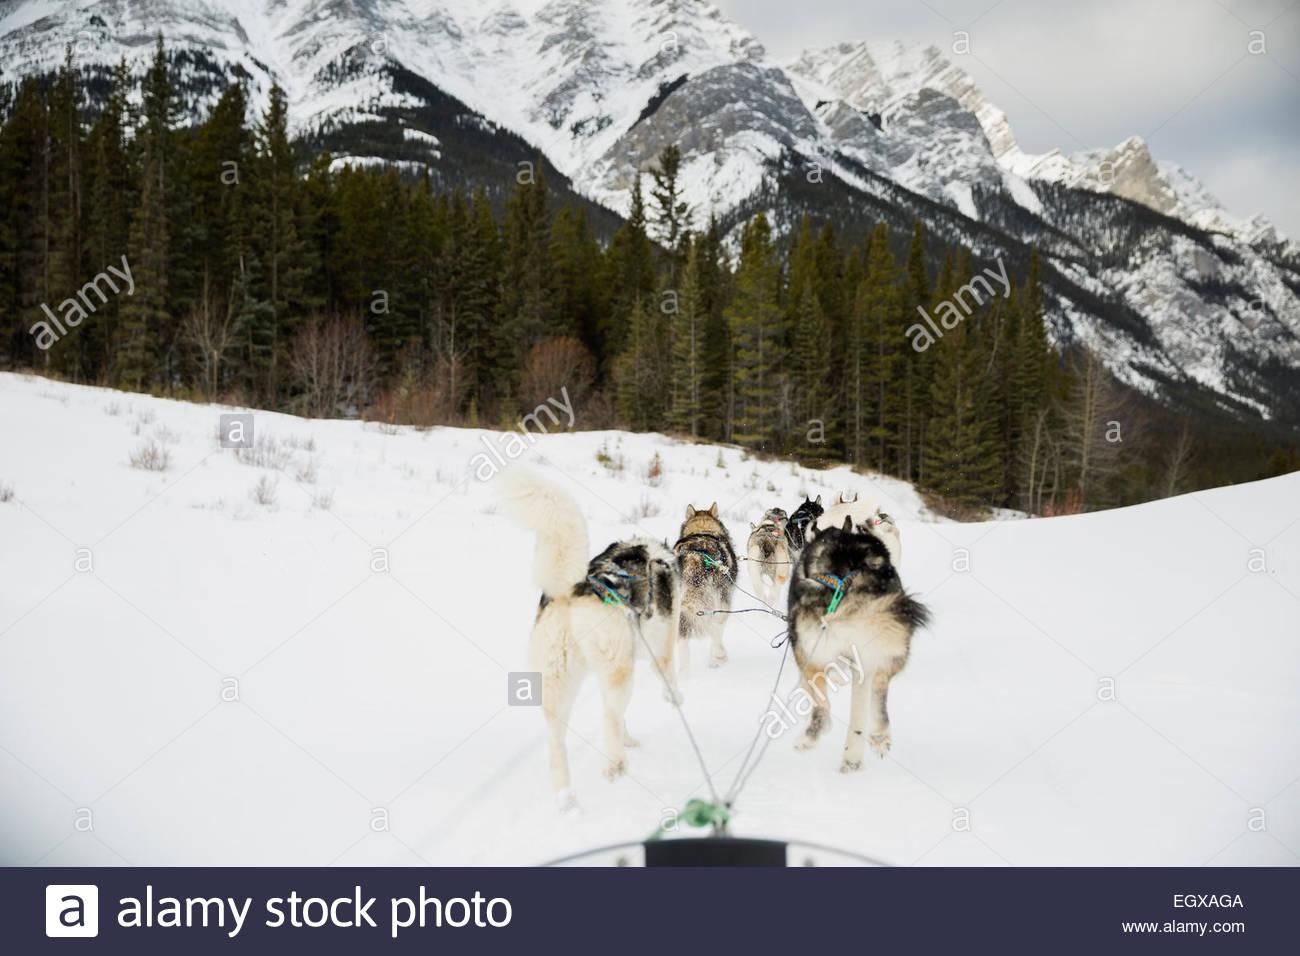 En trineos de perros a continuación mover montañas nevadas Imagen De Stock